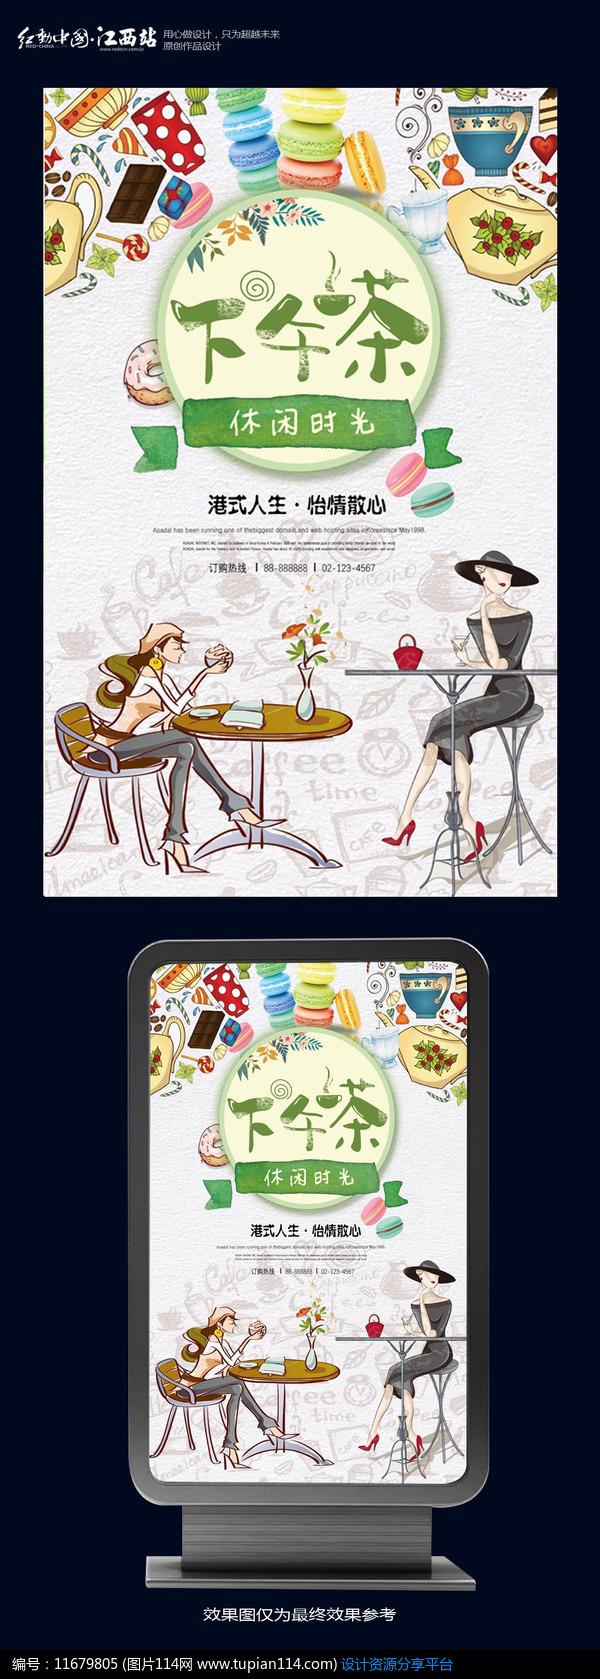 [原創] 下午茶促銷海報設計